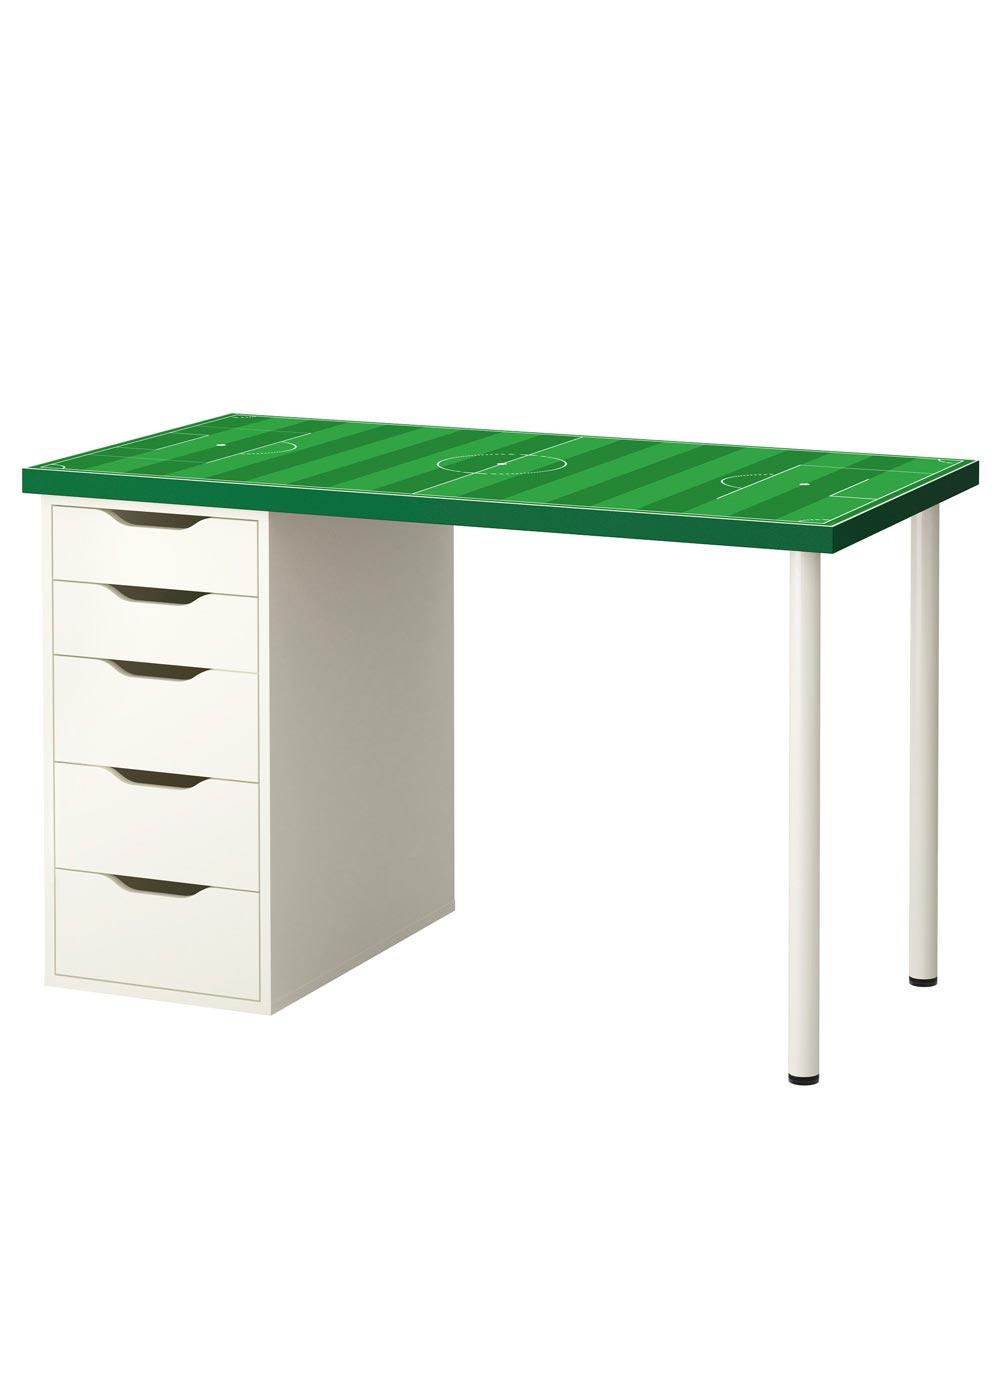 Ikea Linmon Alex Kinderschreibtisch Fussballfeld grün Gesamtansicht